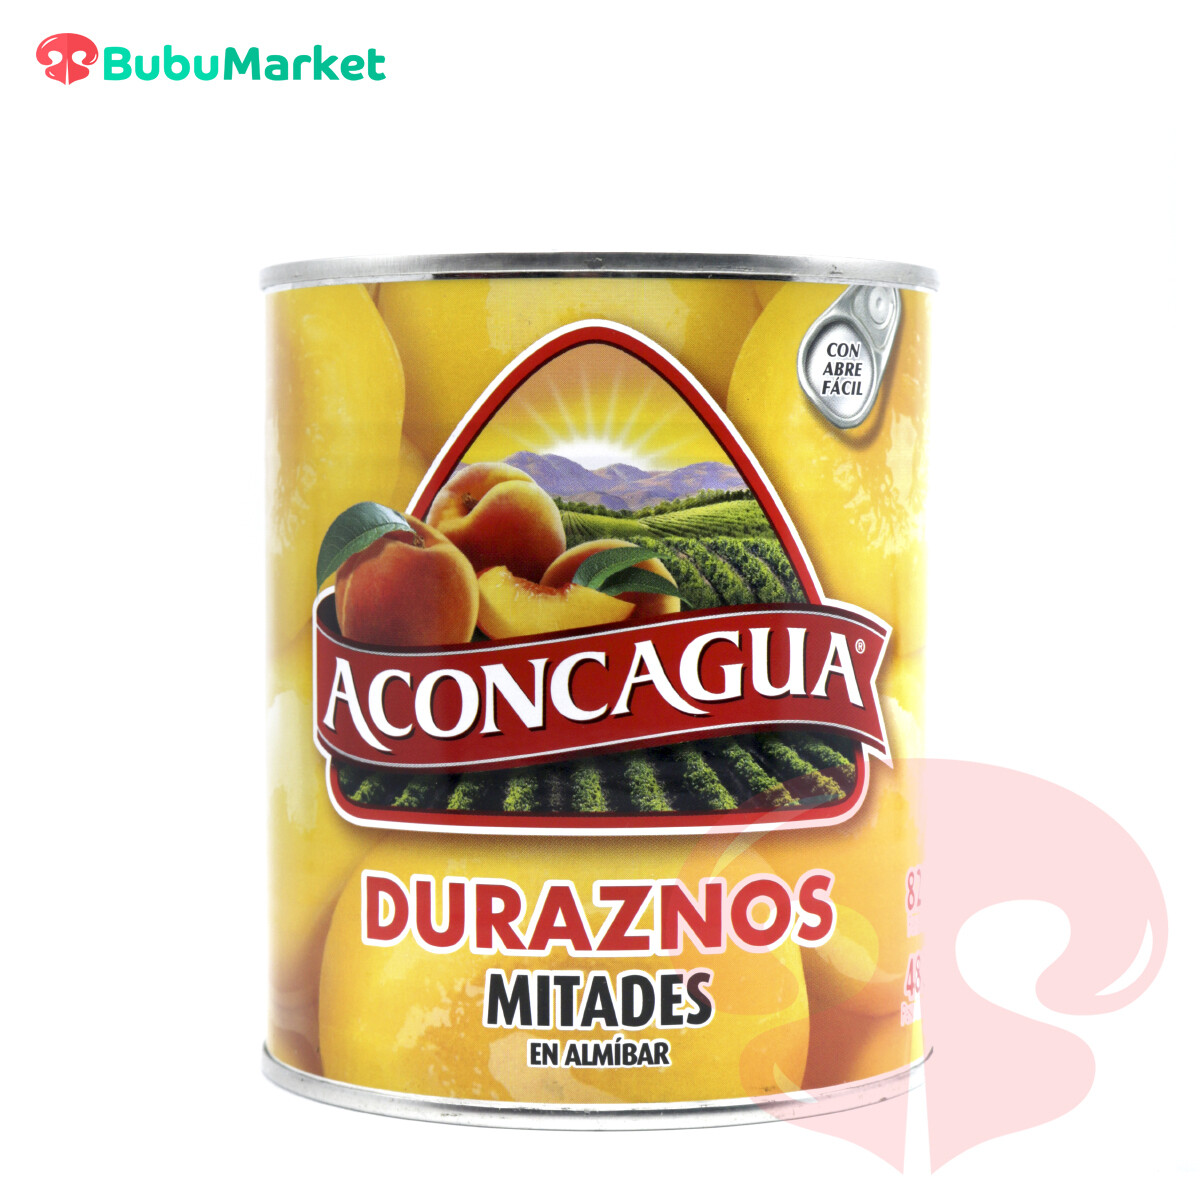 DURAZNOS AL JUGO EN MITADES ACONCAGUA DE 820 GR.